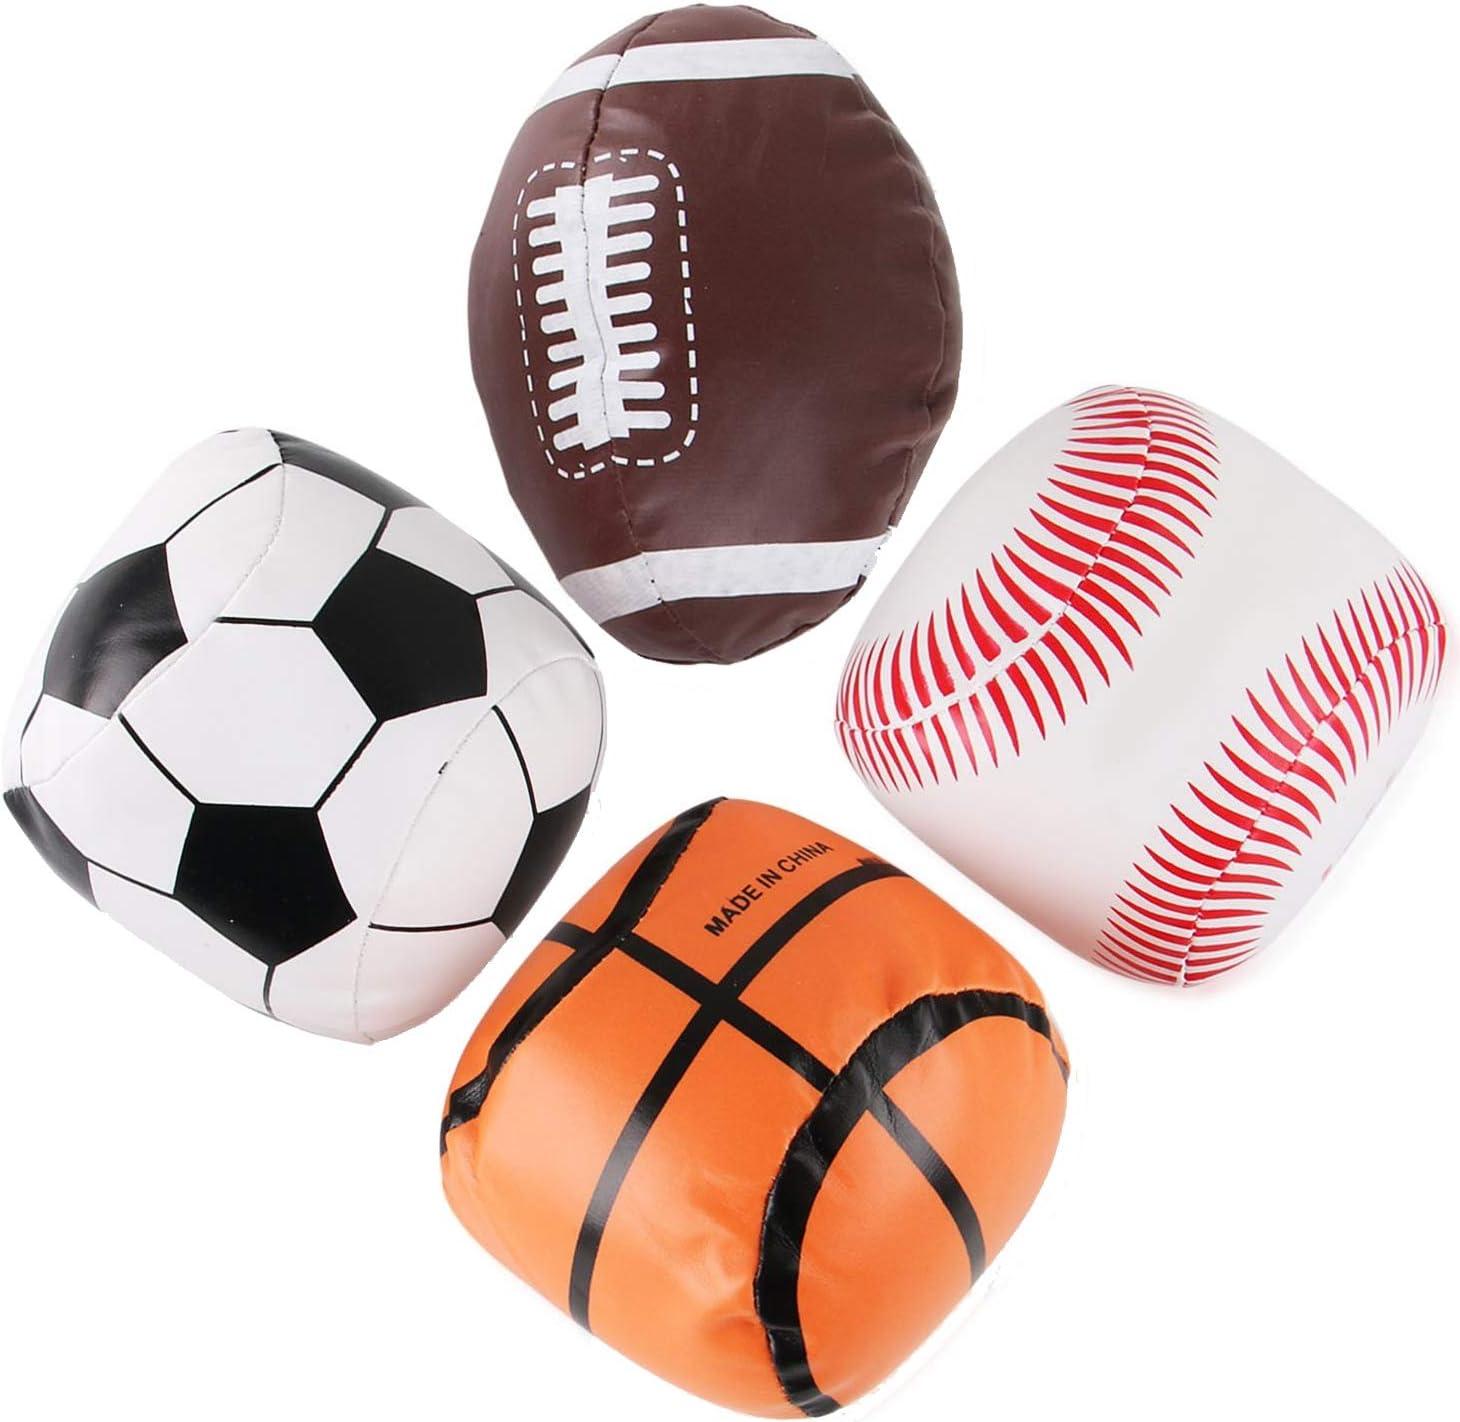 beyondsome Personalisierbare Rugby-Stiefeltasche f/ür Kinder Fu/ßball Sport Turnhalle Schule